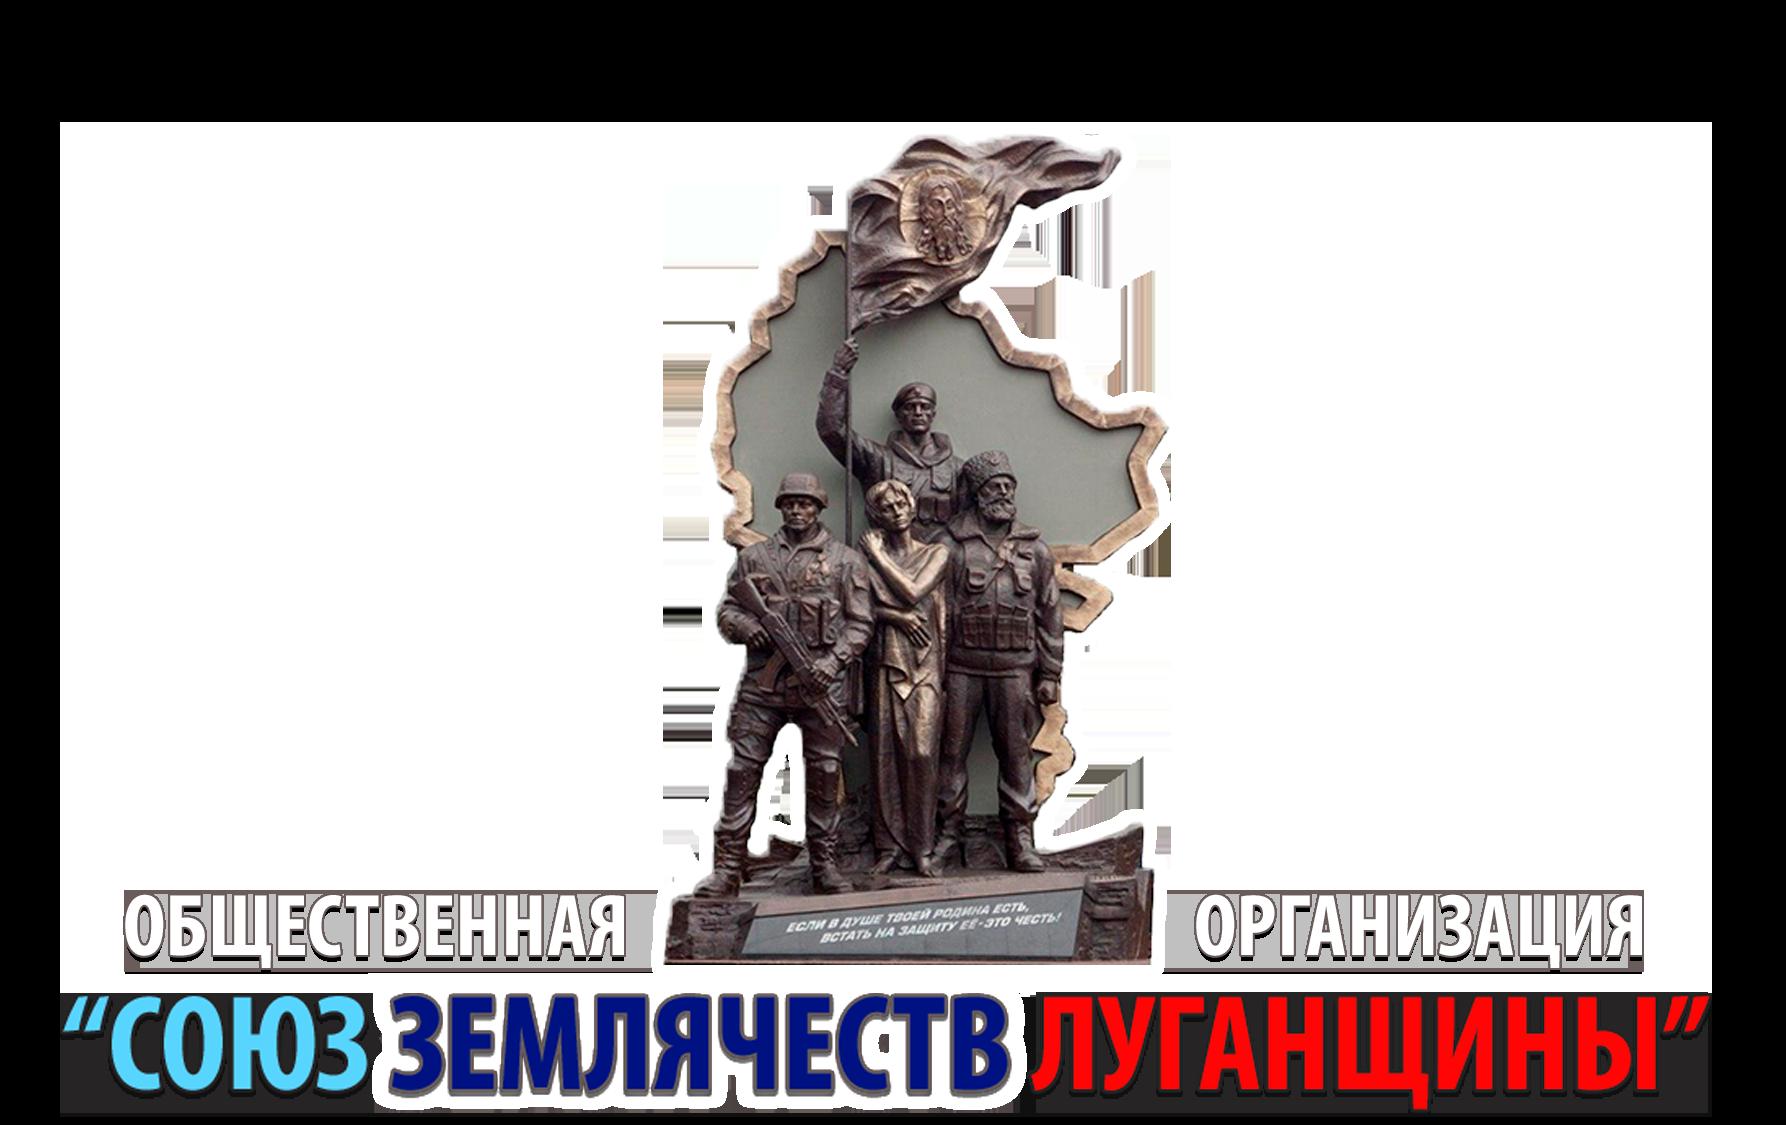 Союз землячеств Луганщины